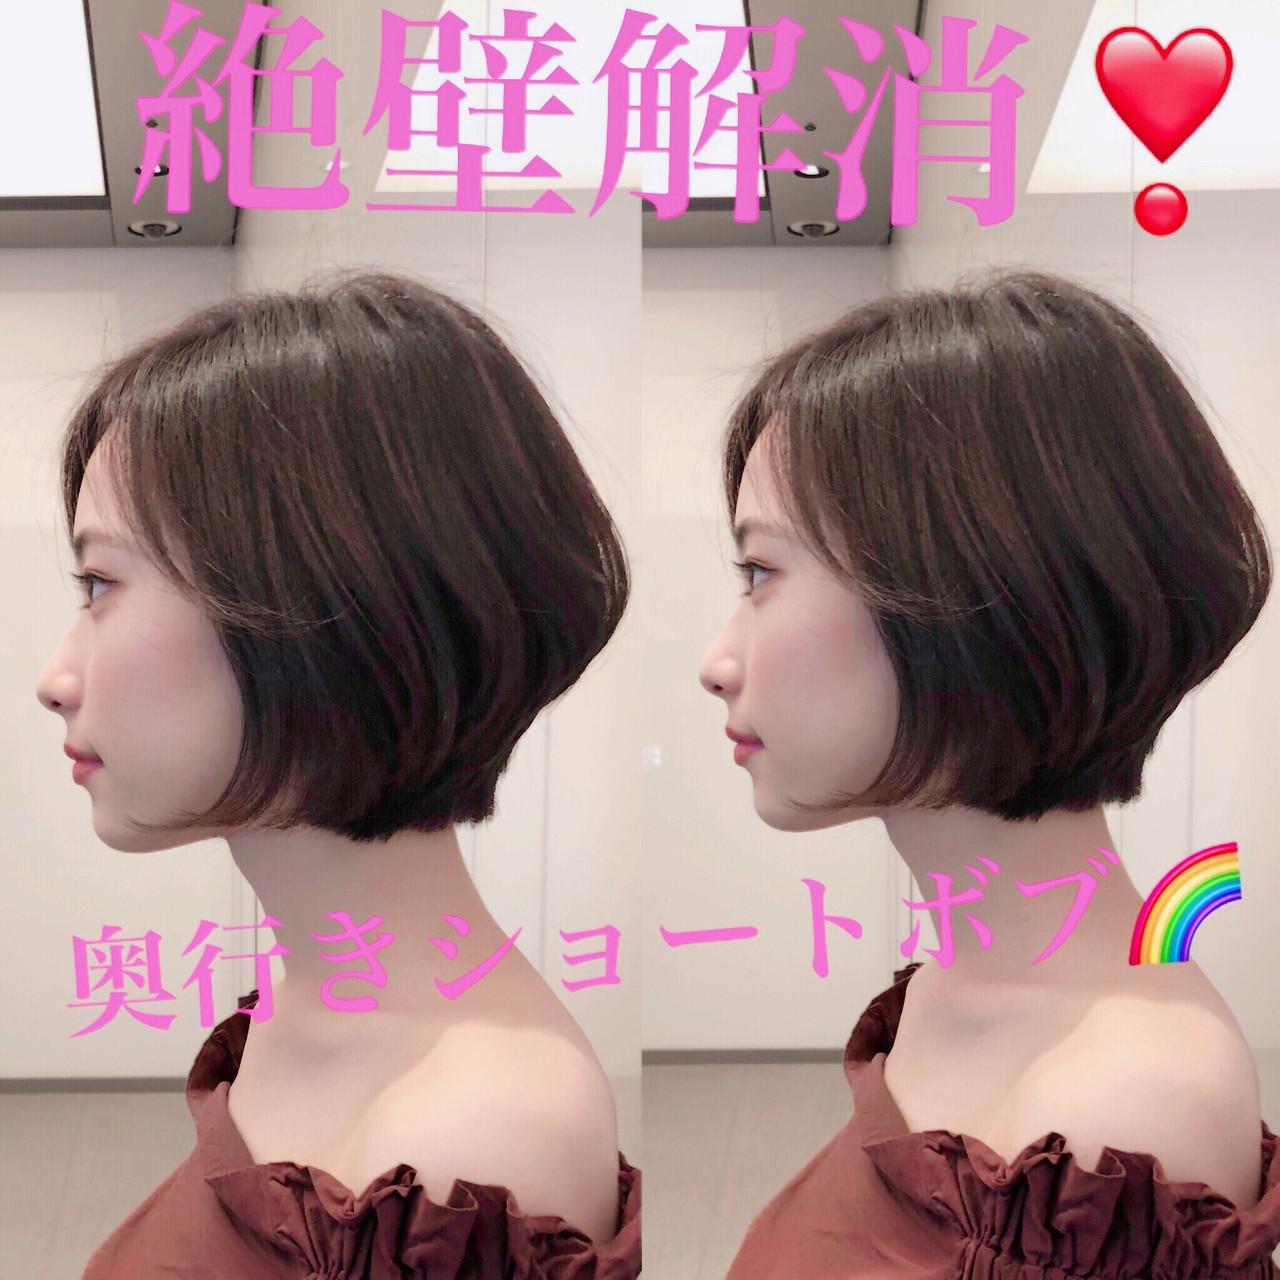 マッシュショート ハンサムショート アンニュイほつれヘア ヘアアレンジ ヘアスタイルや髪型の写真・画像 | 池上 一星 / GINZA PEEK-A-BOO 中央通り店